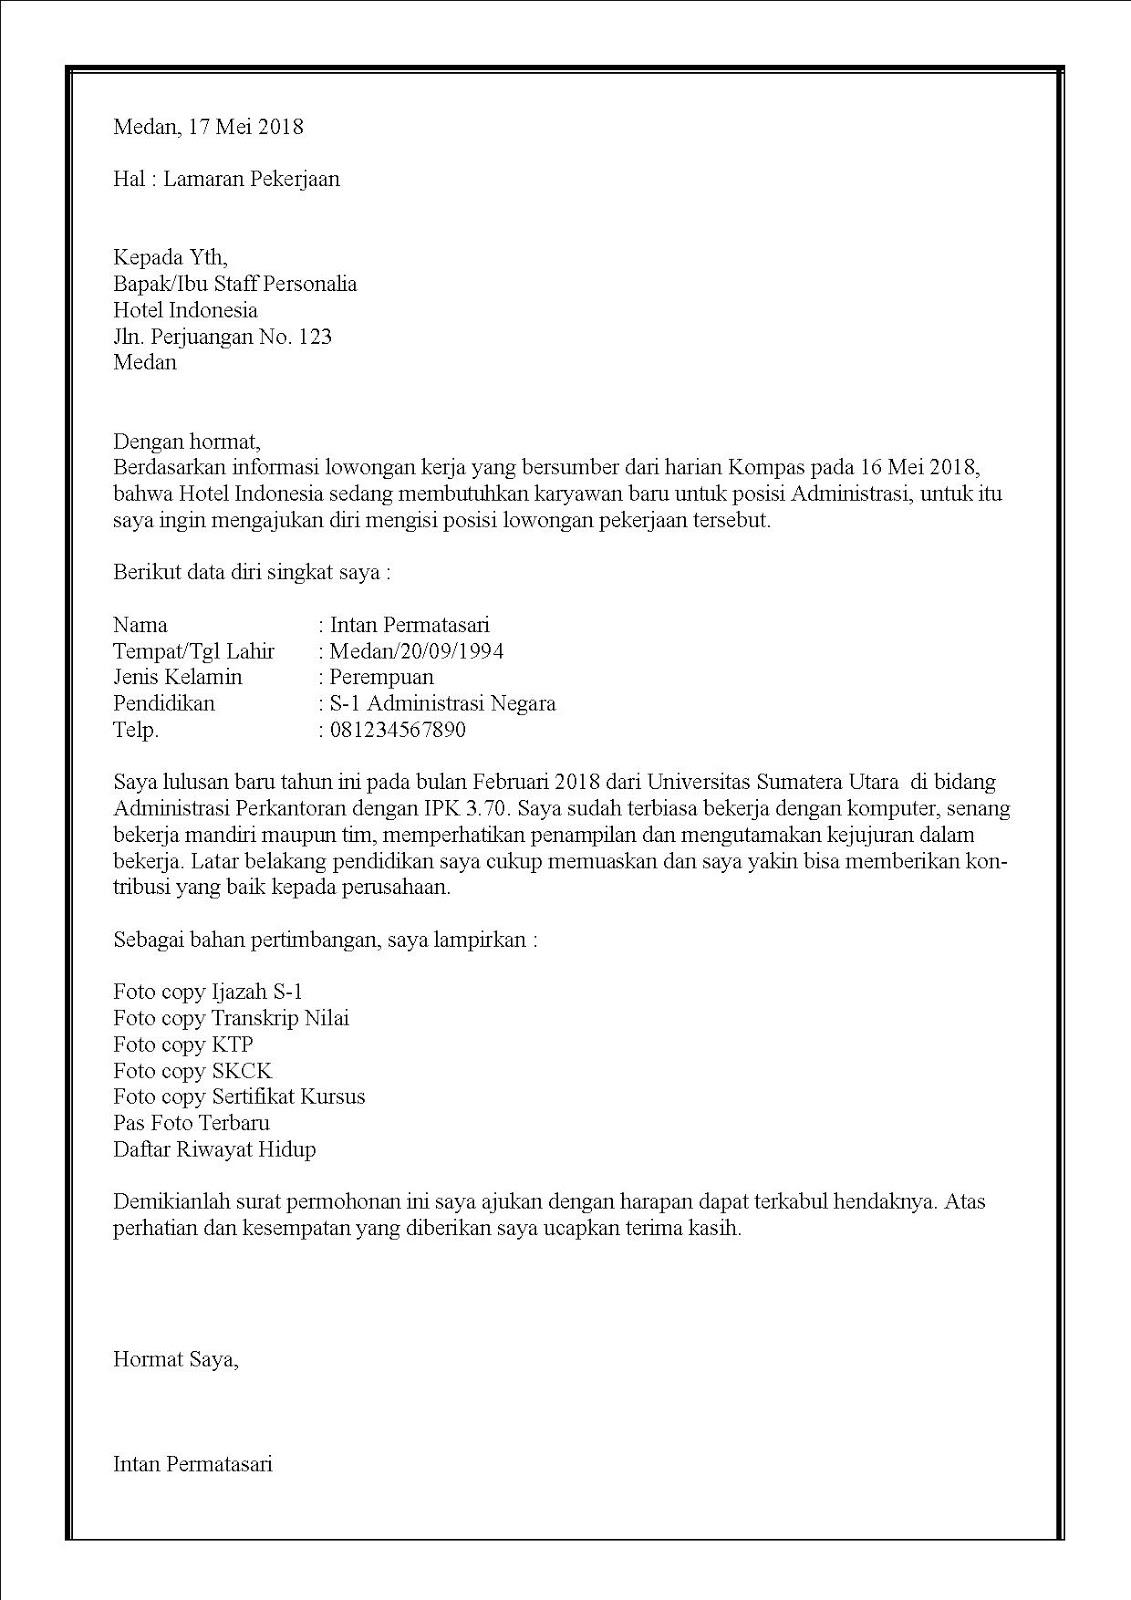 Contoh surat lamaran kerja di hotel untuk fresh graduate